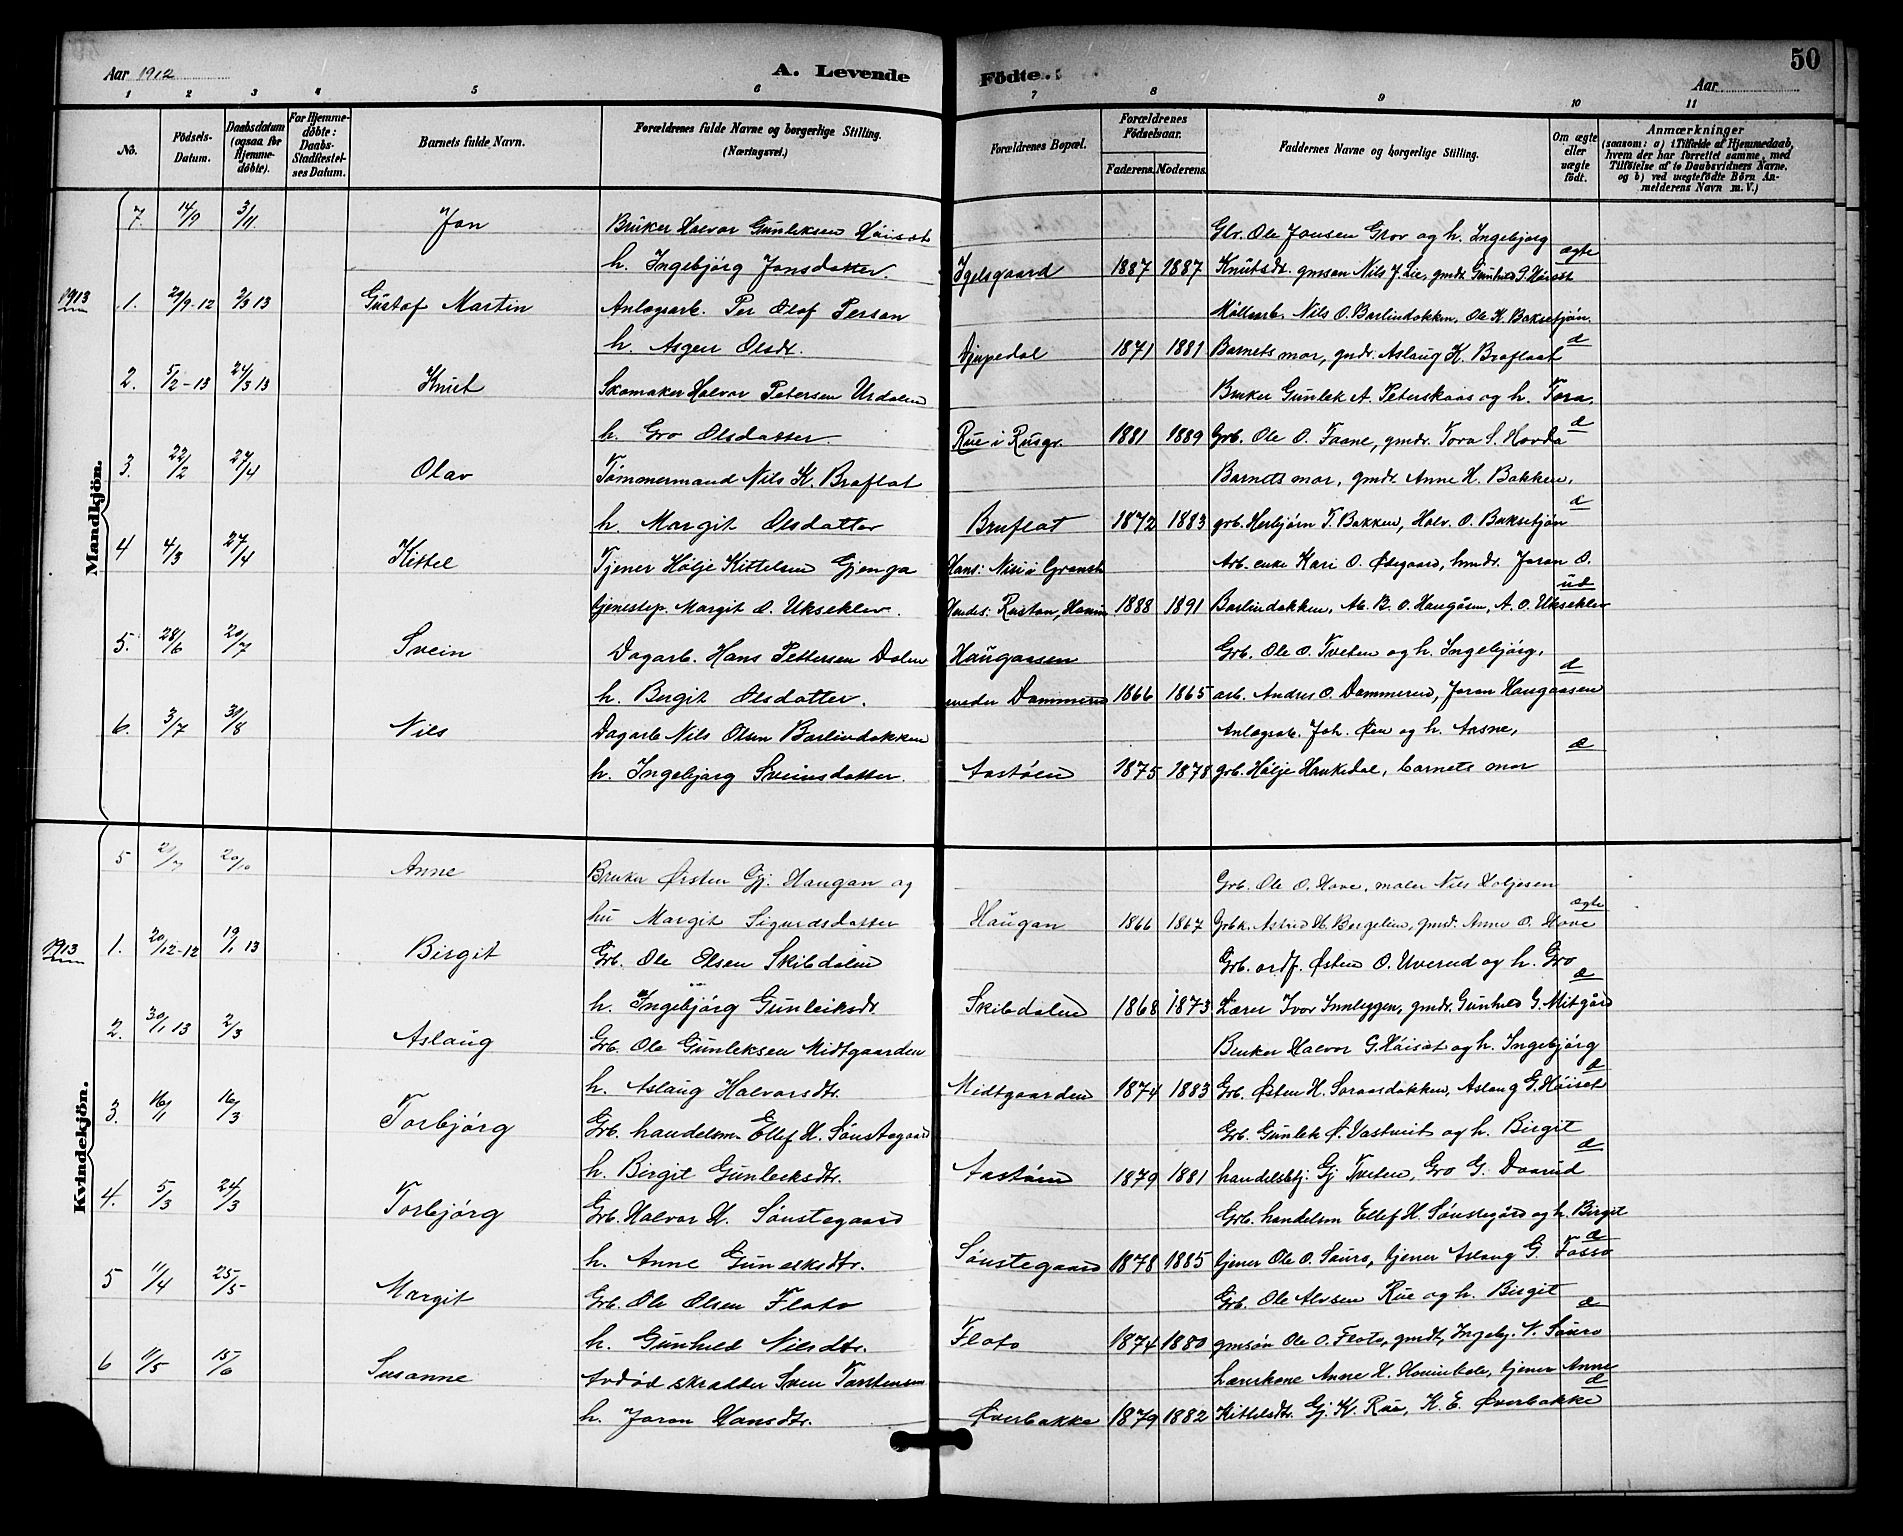 SAKO, Gransherad kirkebøker, G/Gb/L0003: Klokkerbok nr. II 3, 1887-1921, s. 50